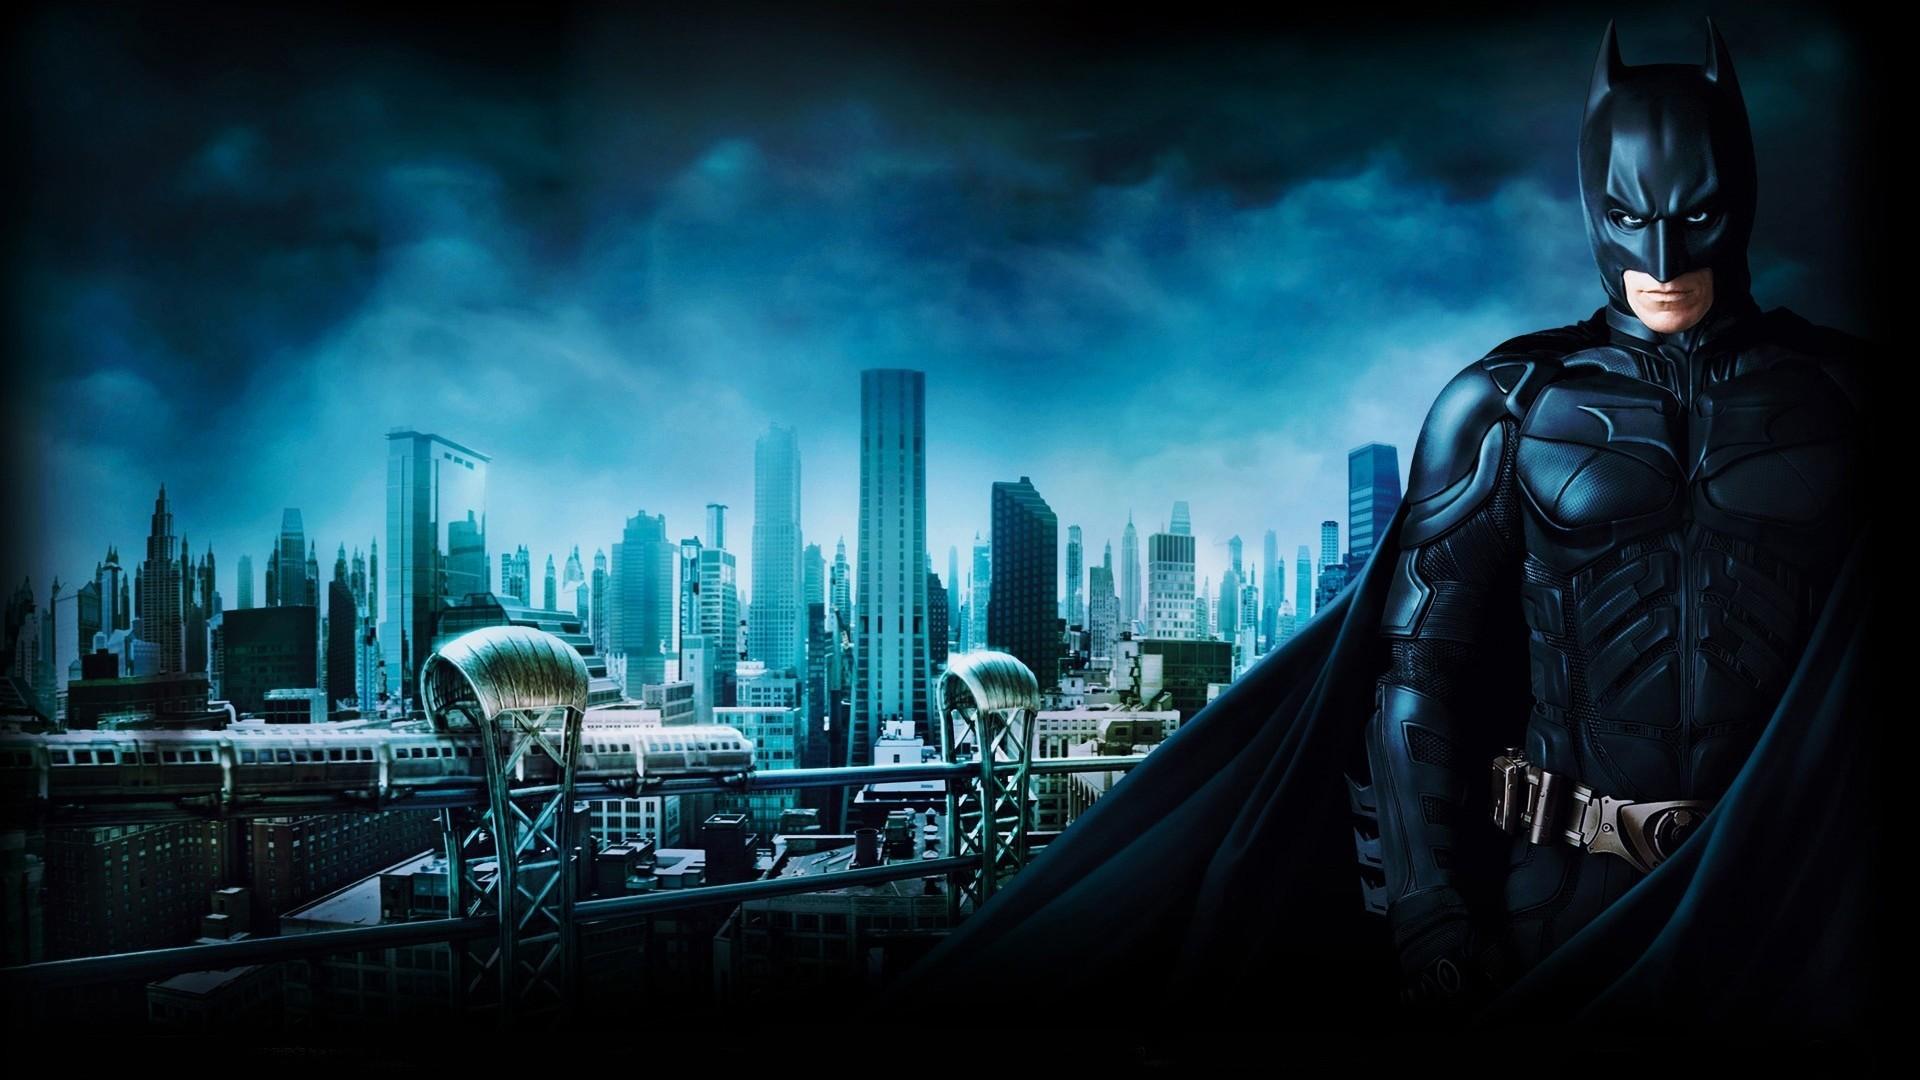 Batman Begins (2005) Images Begins (2005) Movie …